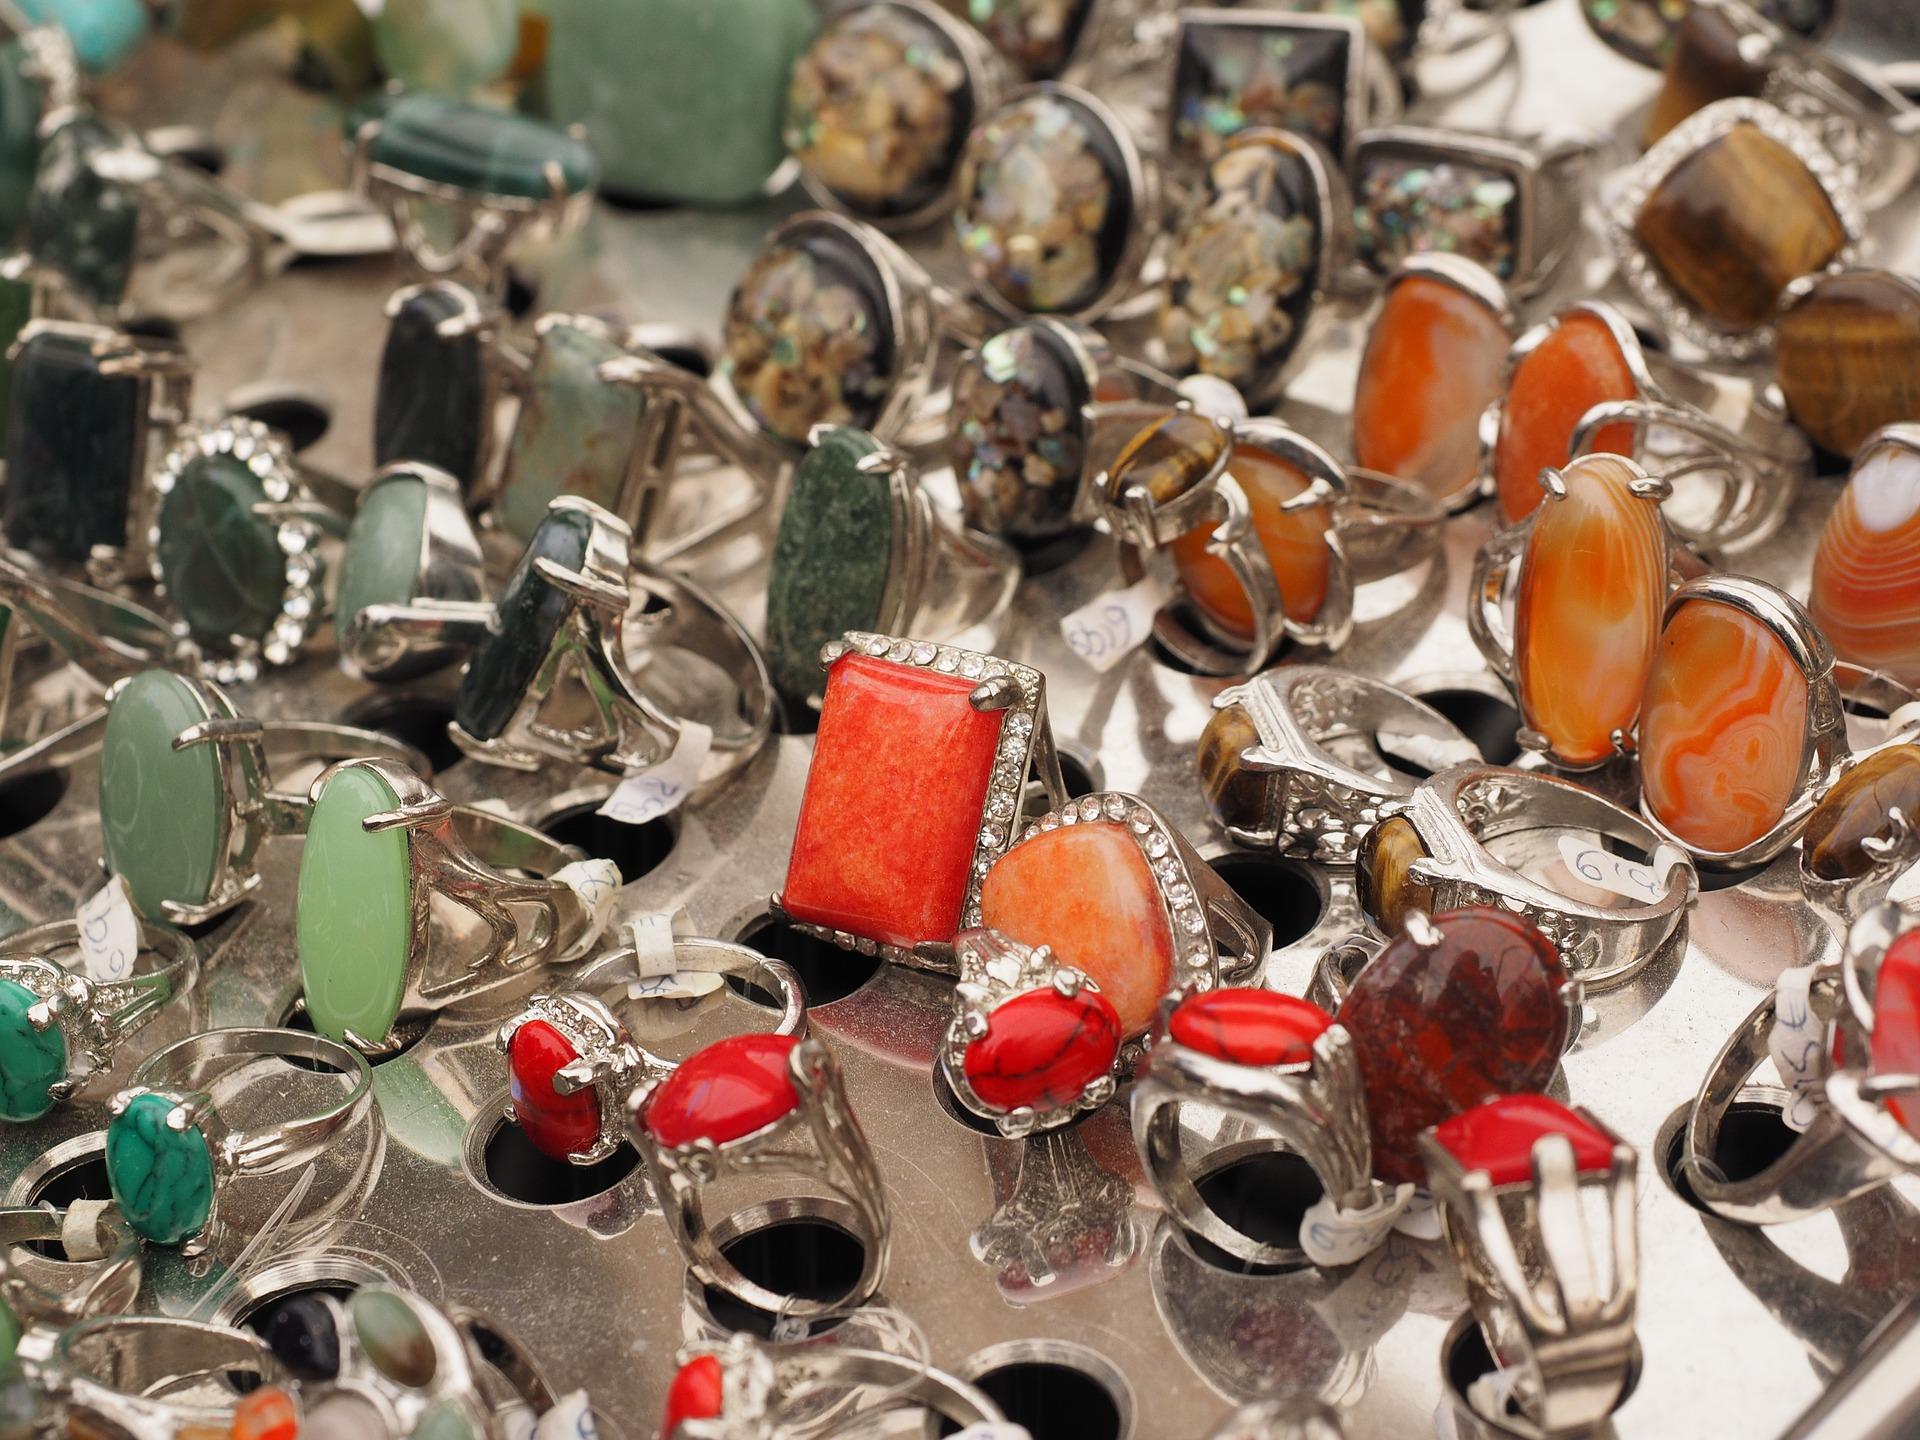 Šperky podle znamení zvěrokruhu